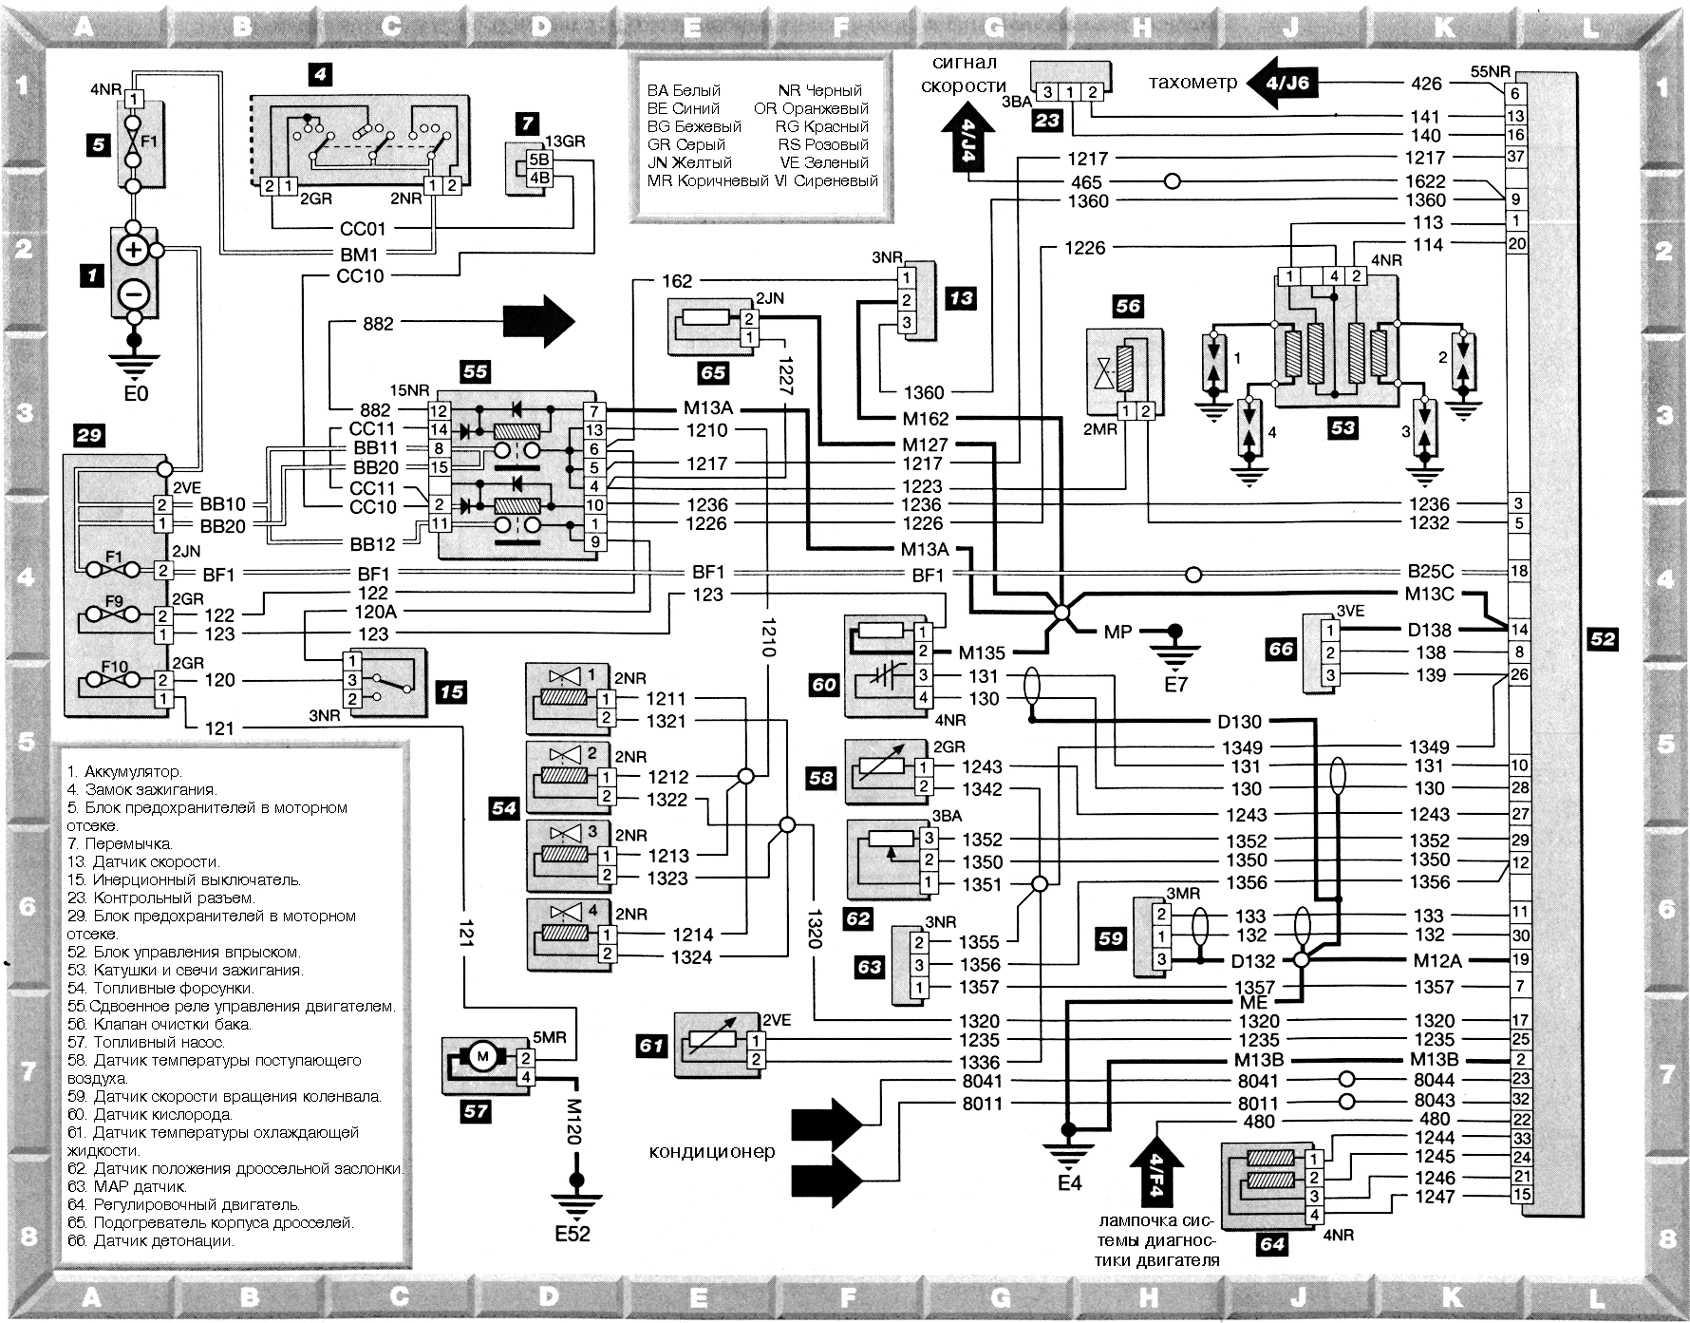 Пежо 406 электросхема включения бензонасоса фото 935